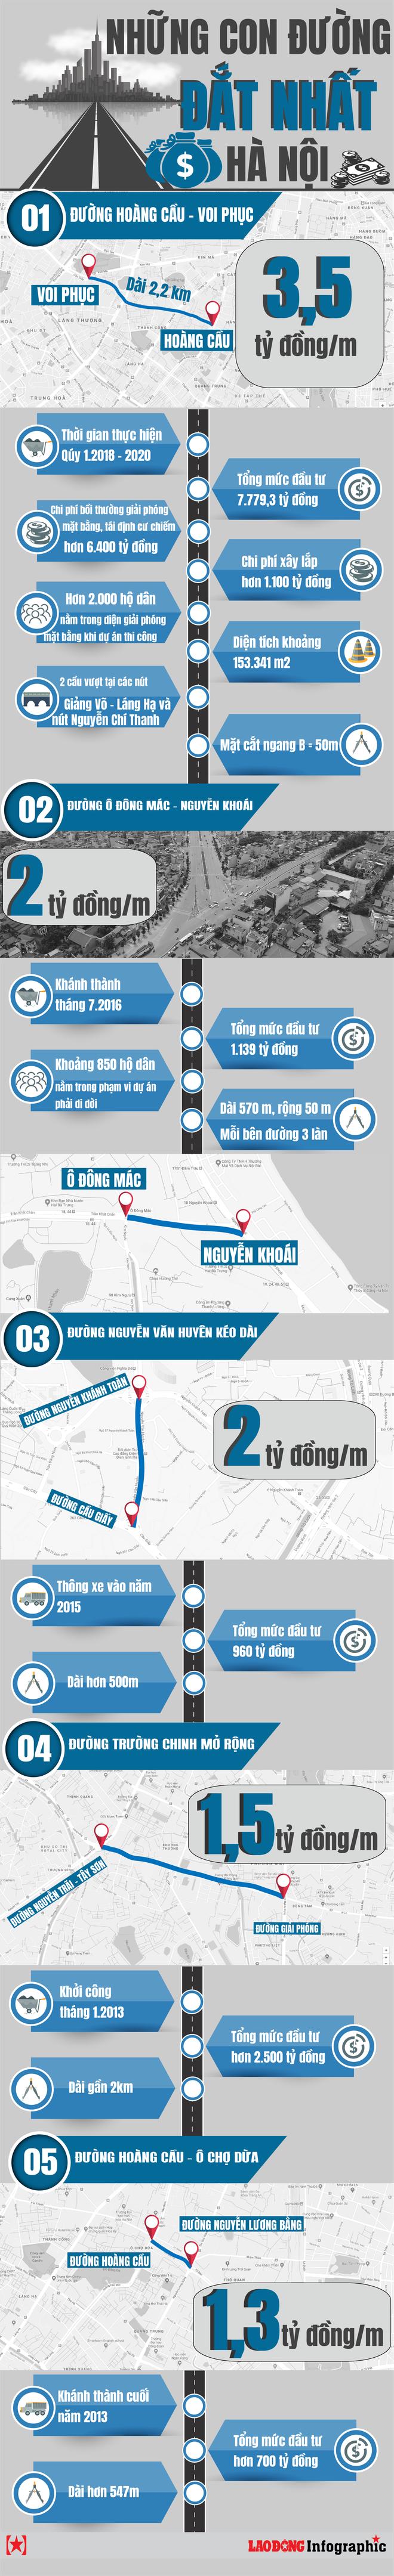 Infographic: Điểm danh những tuyến đường đắt nhất Thủ đô - Ảnh 1.